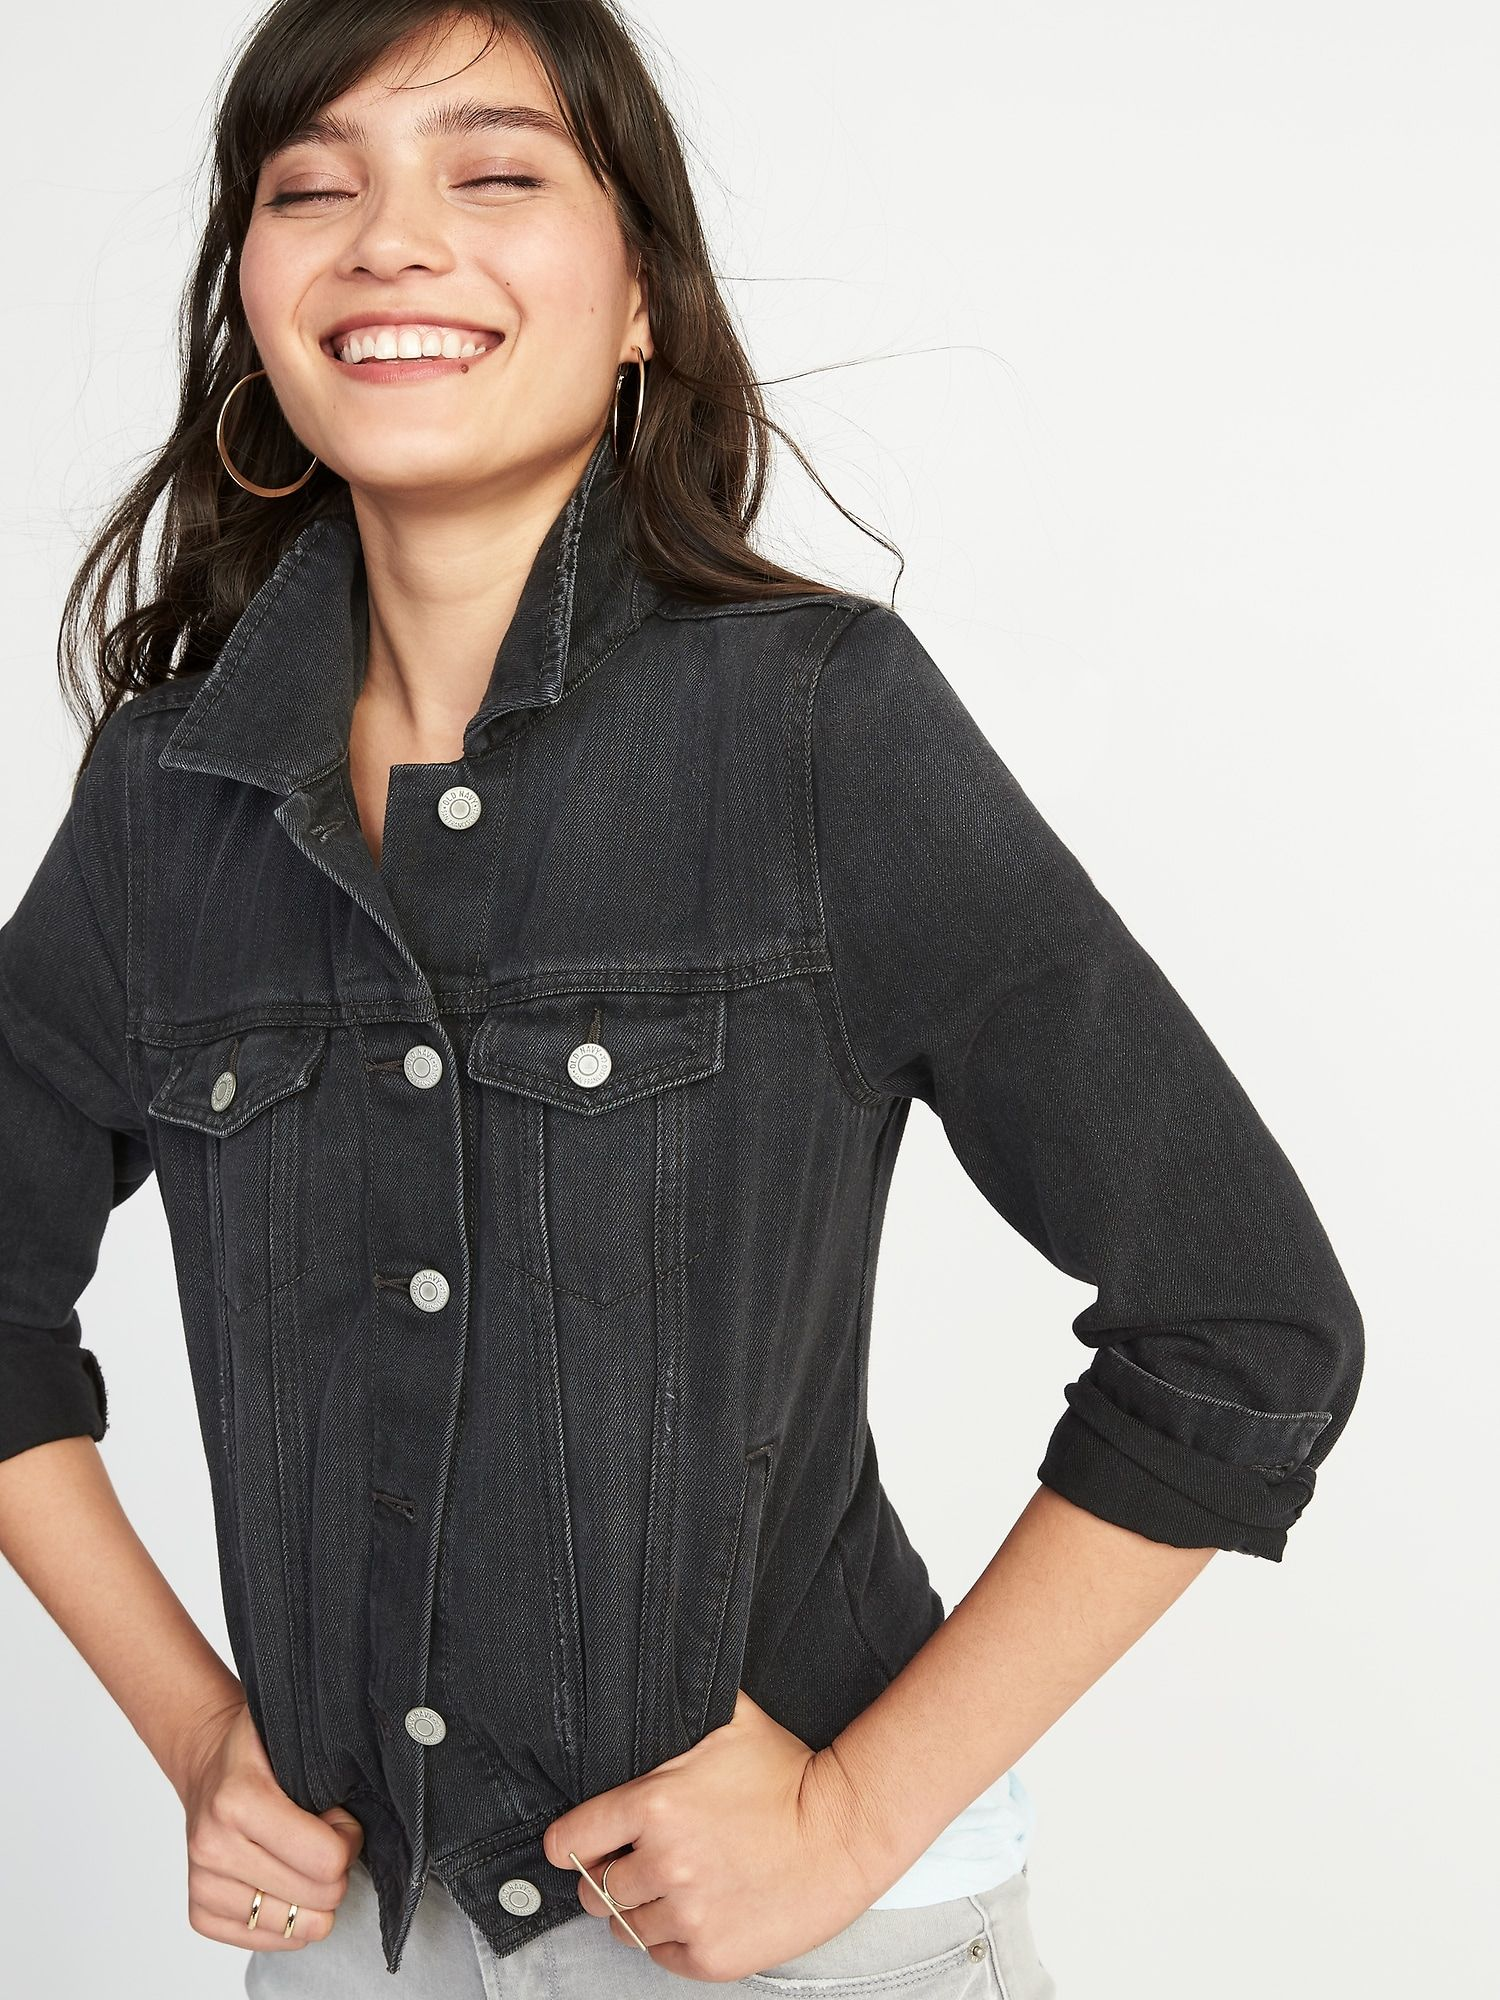 Distressed Black Denim Jacket For Women Old Navy Black Denim Jacket Fashion Jackets For Women